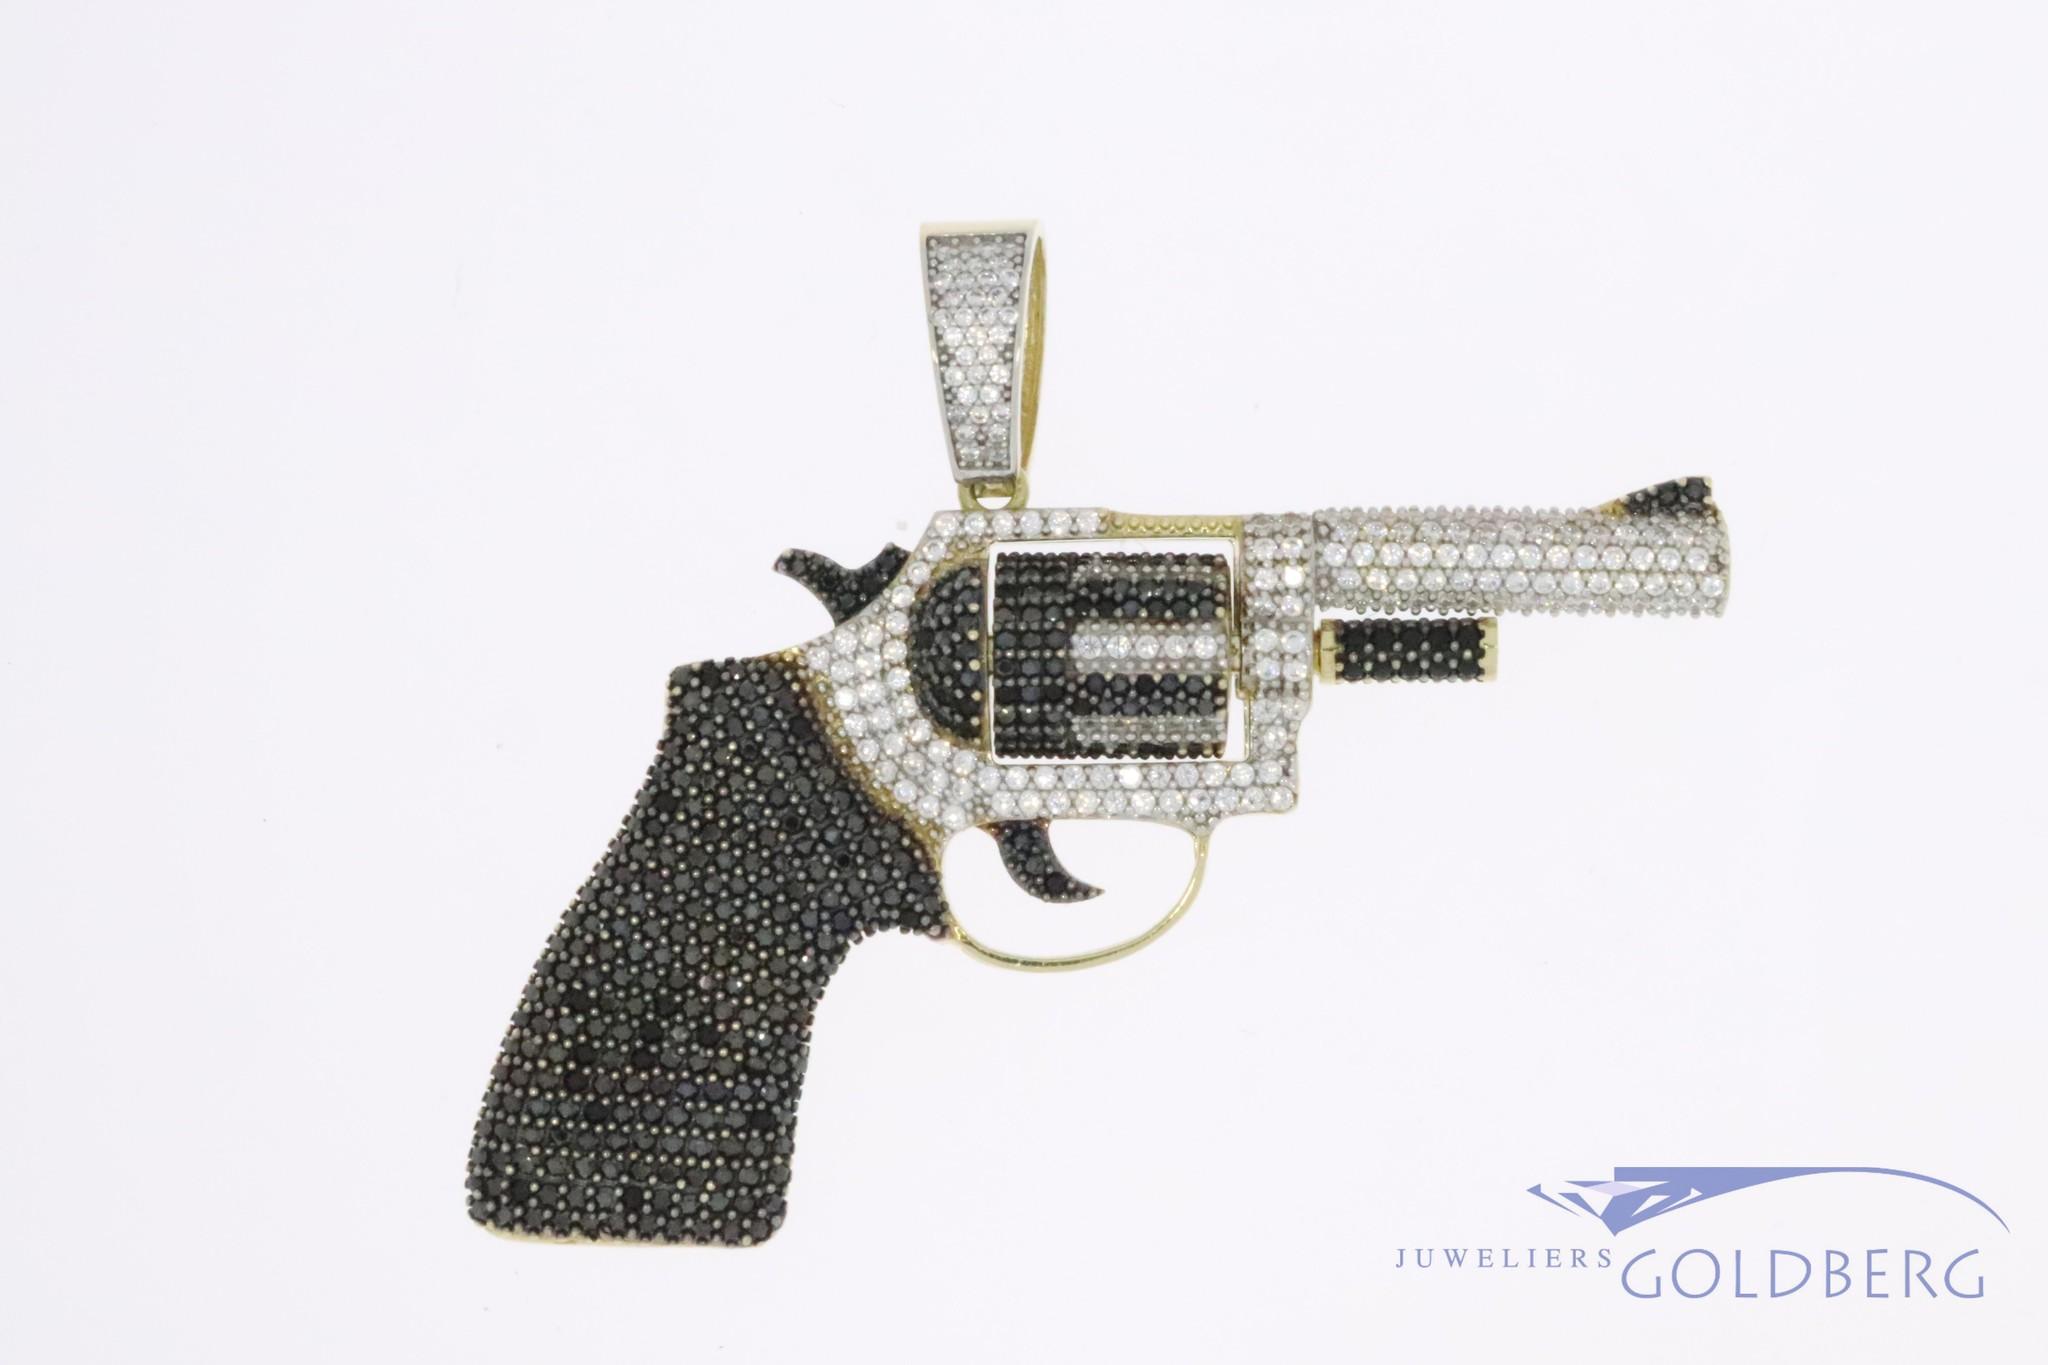 Grote 14k gouden revolver hanger met draaibare cilinder en gezet met zirconia's